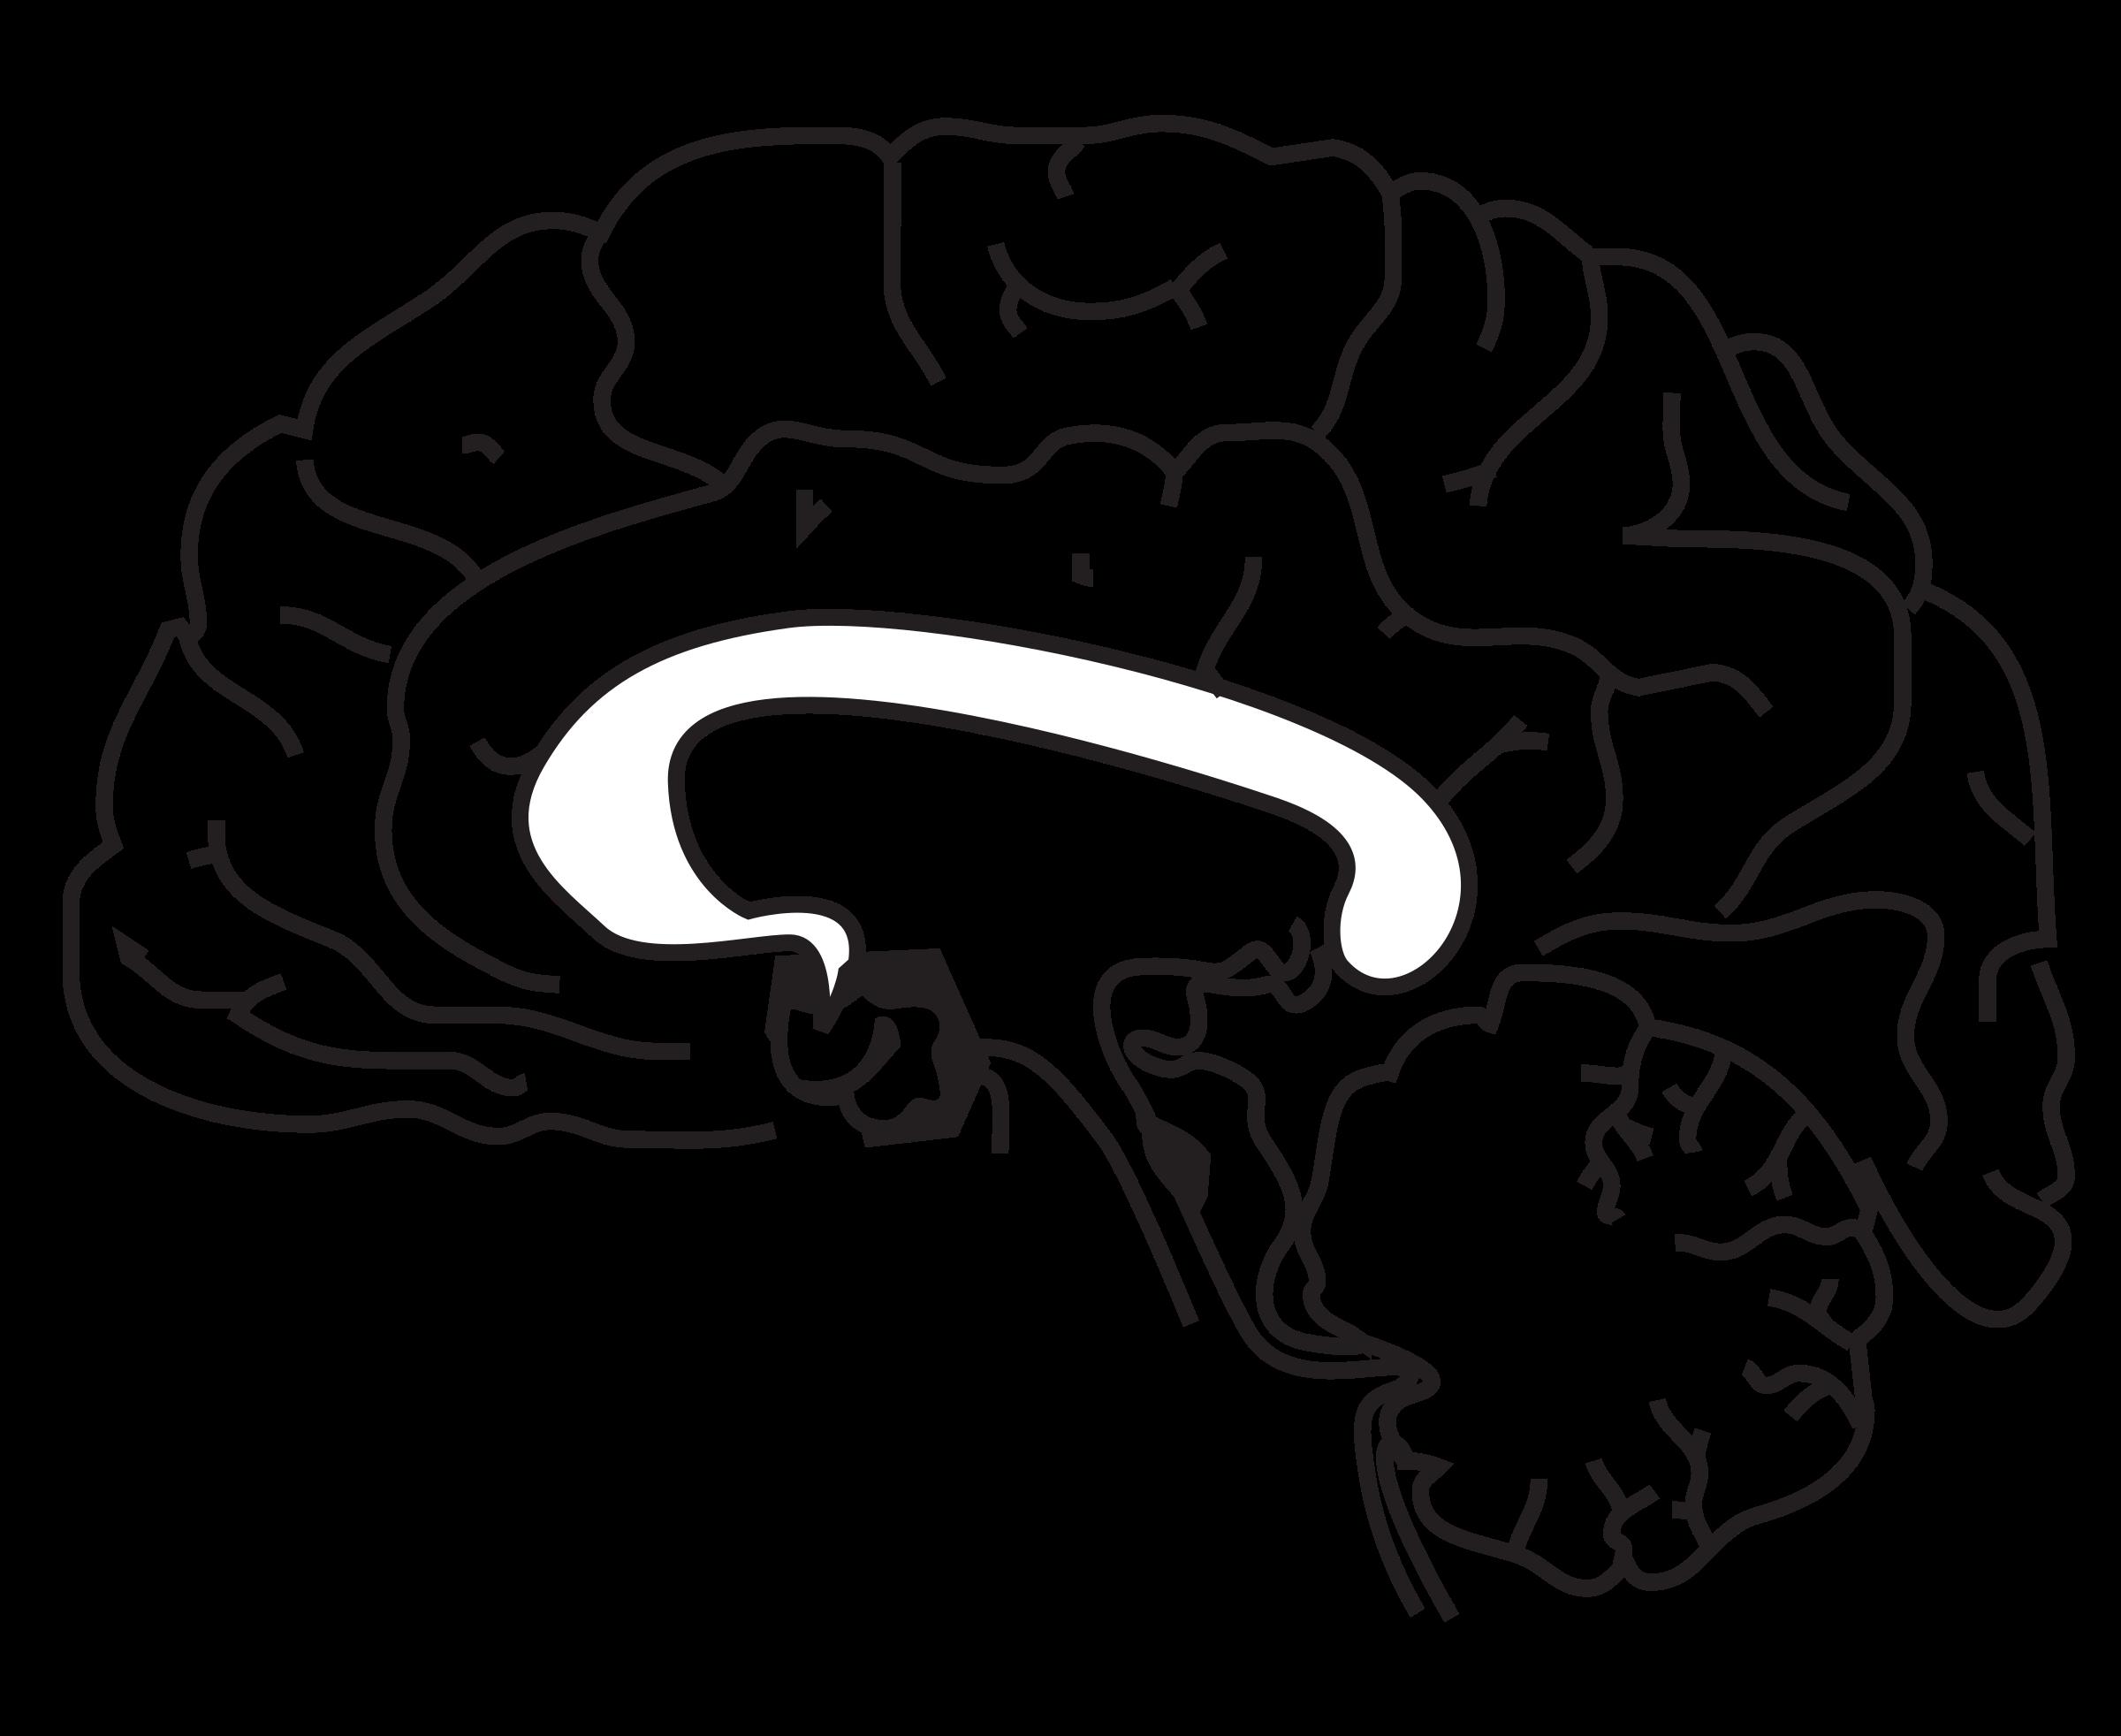 Gear clipart brain. Side cutaway big image